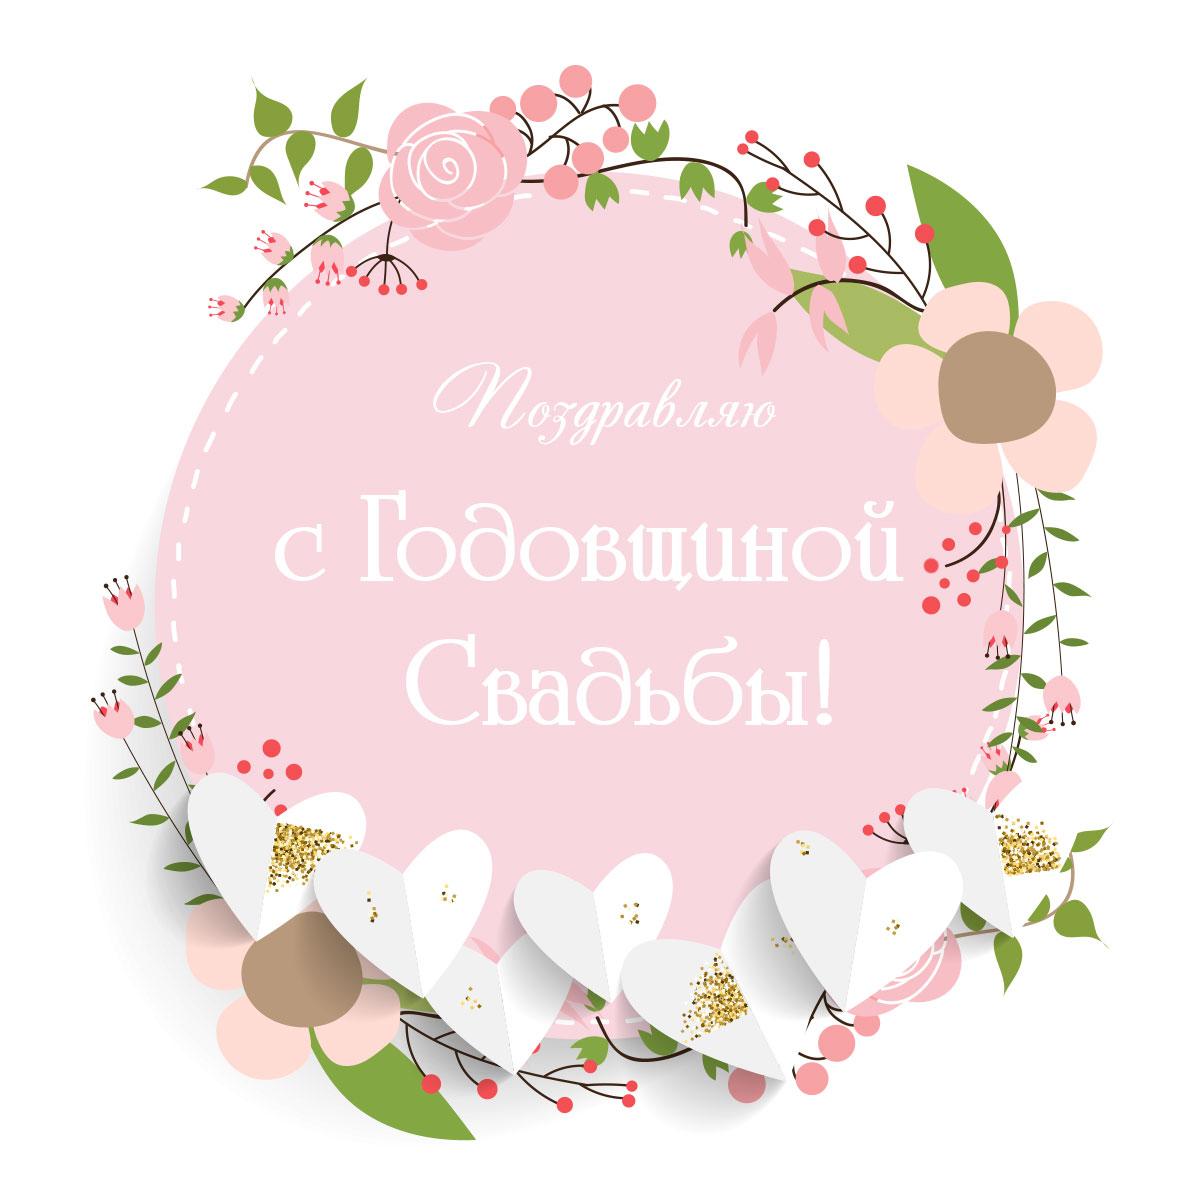 Картинка с текстом поздравляю с годовщиной свадьбы на круглом розовом шаблоне с растениями и сердечками.